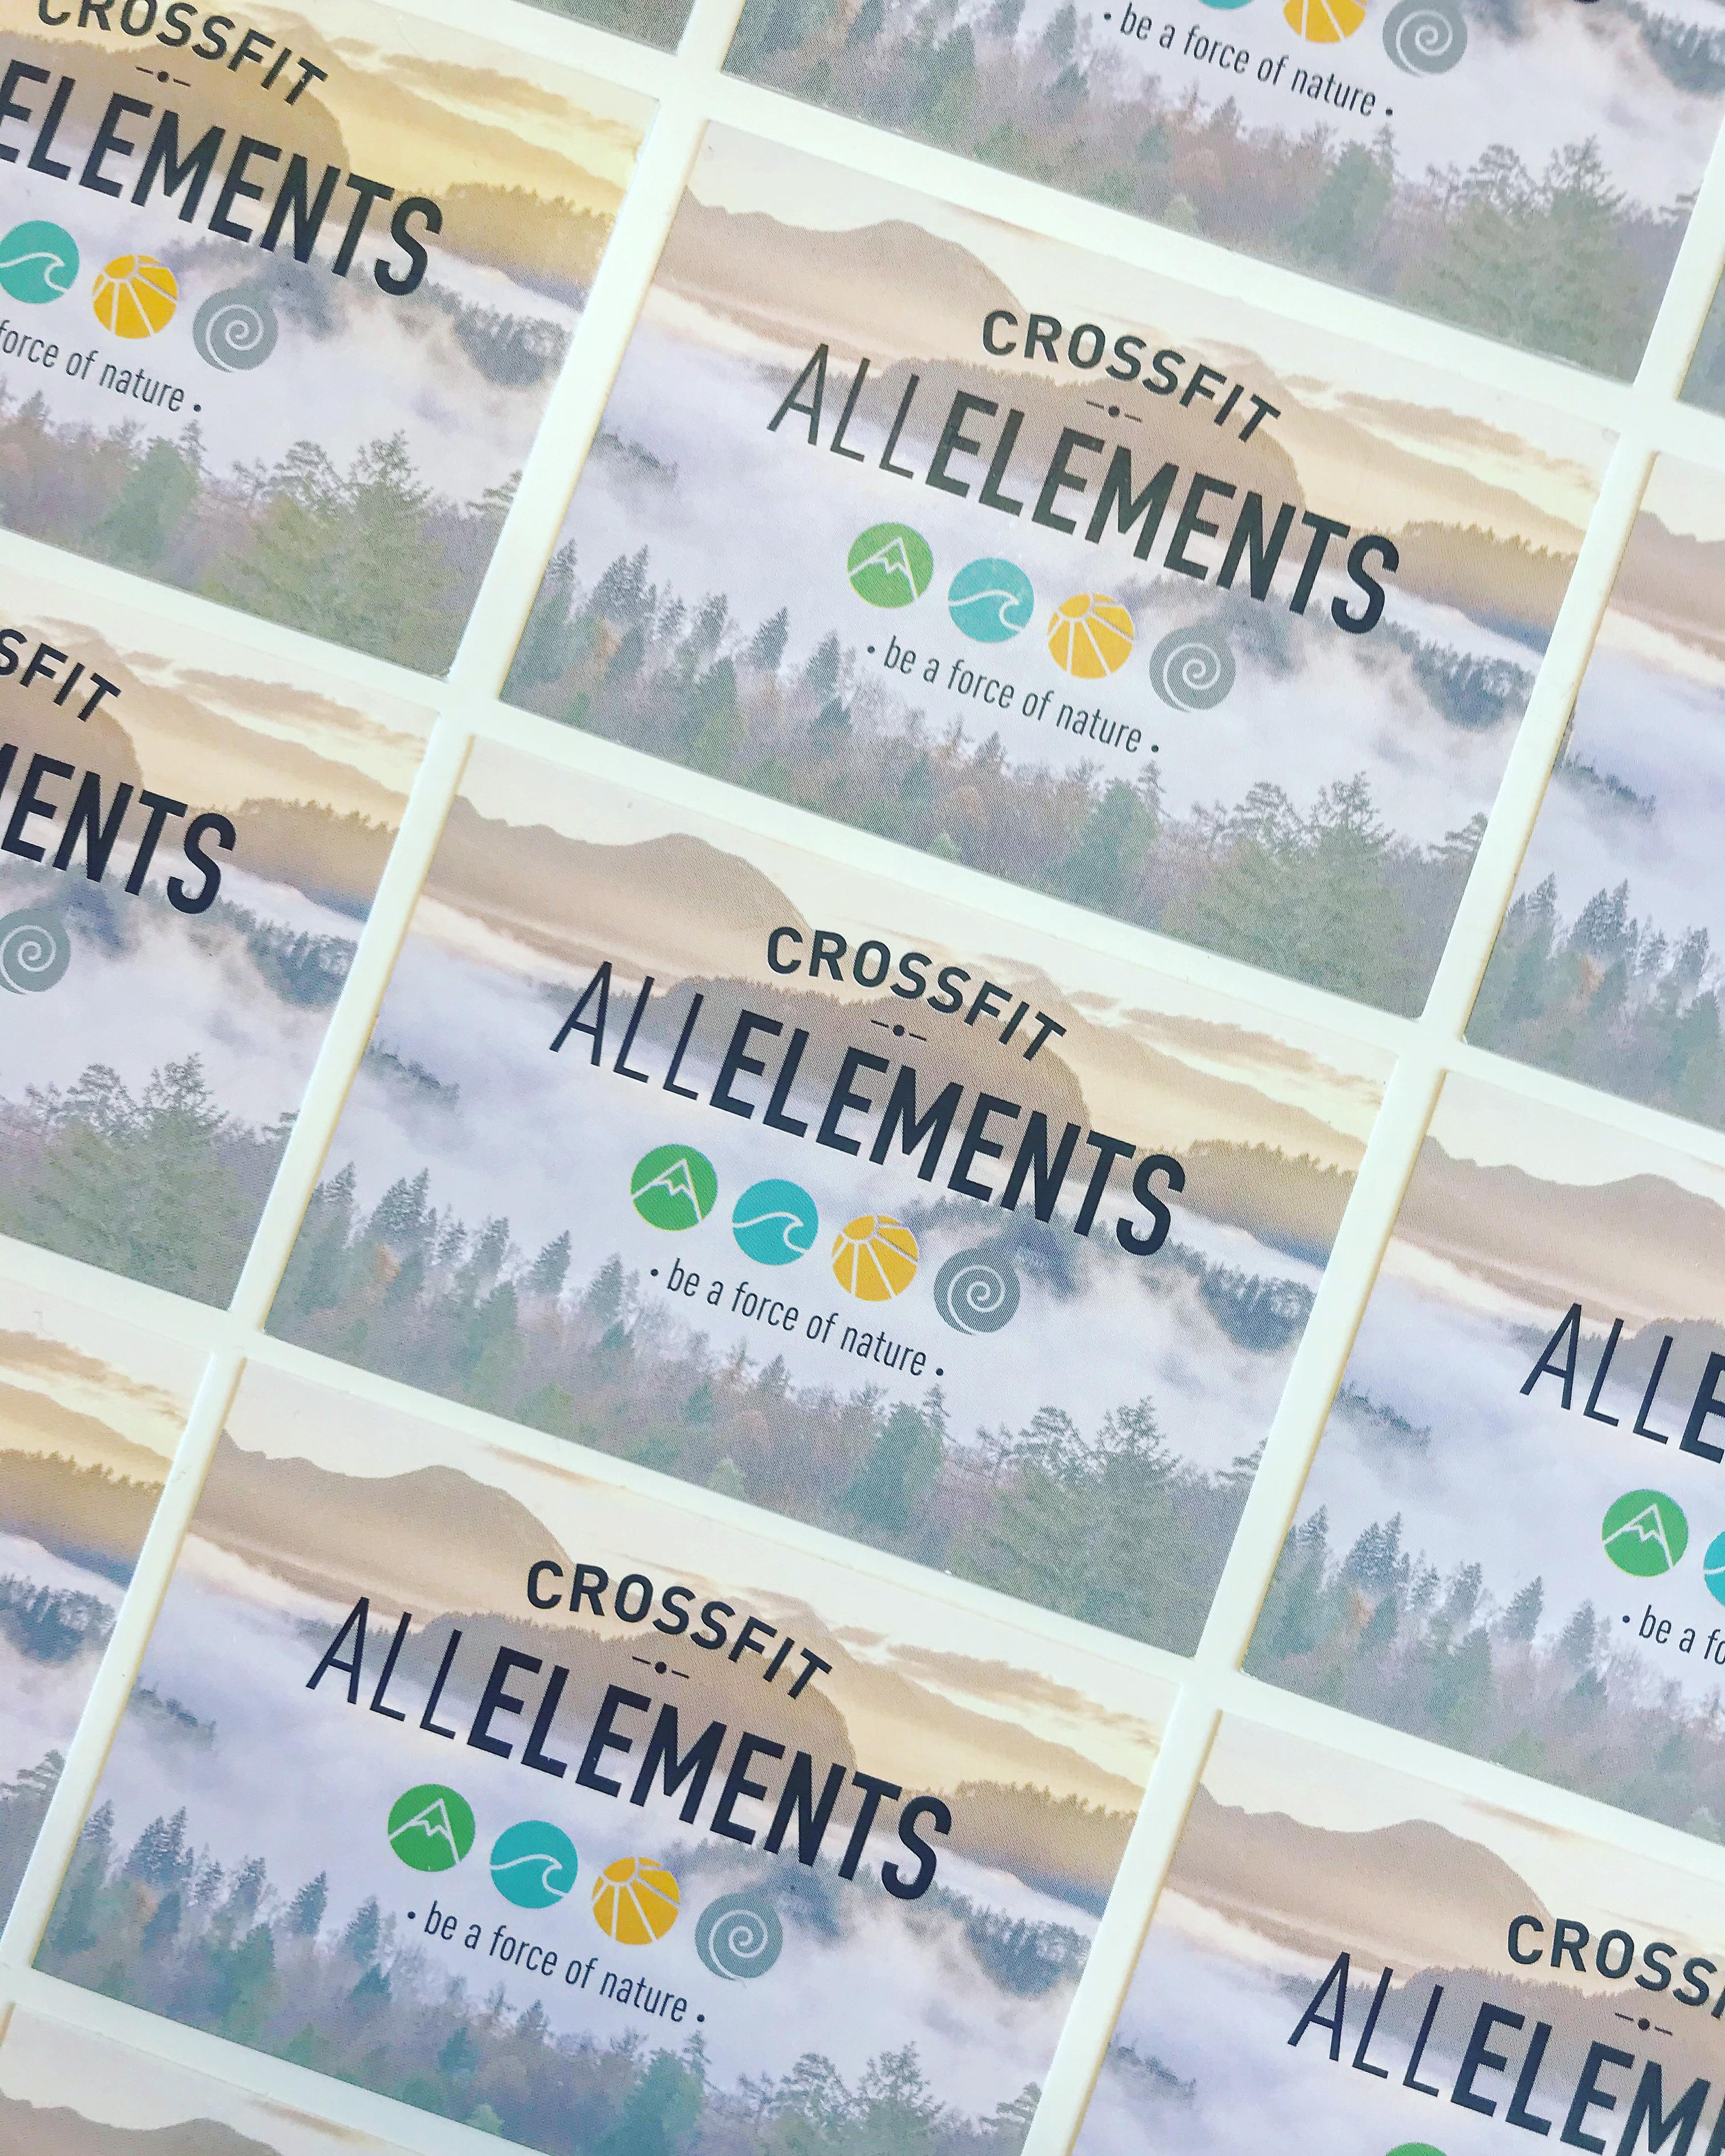 Création de carte de visite - CrossFit All Elements